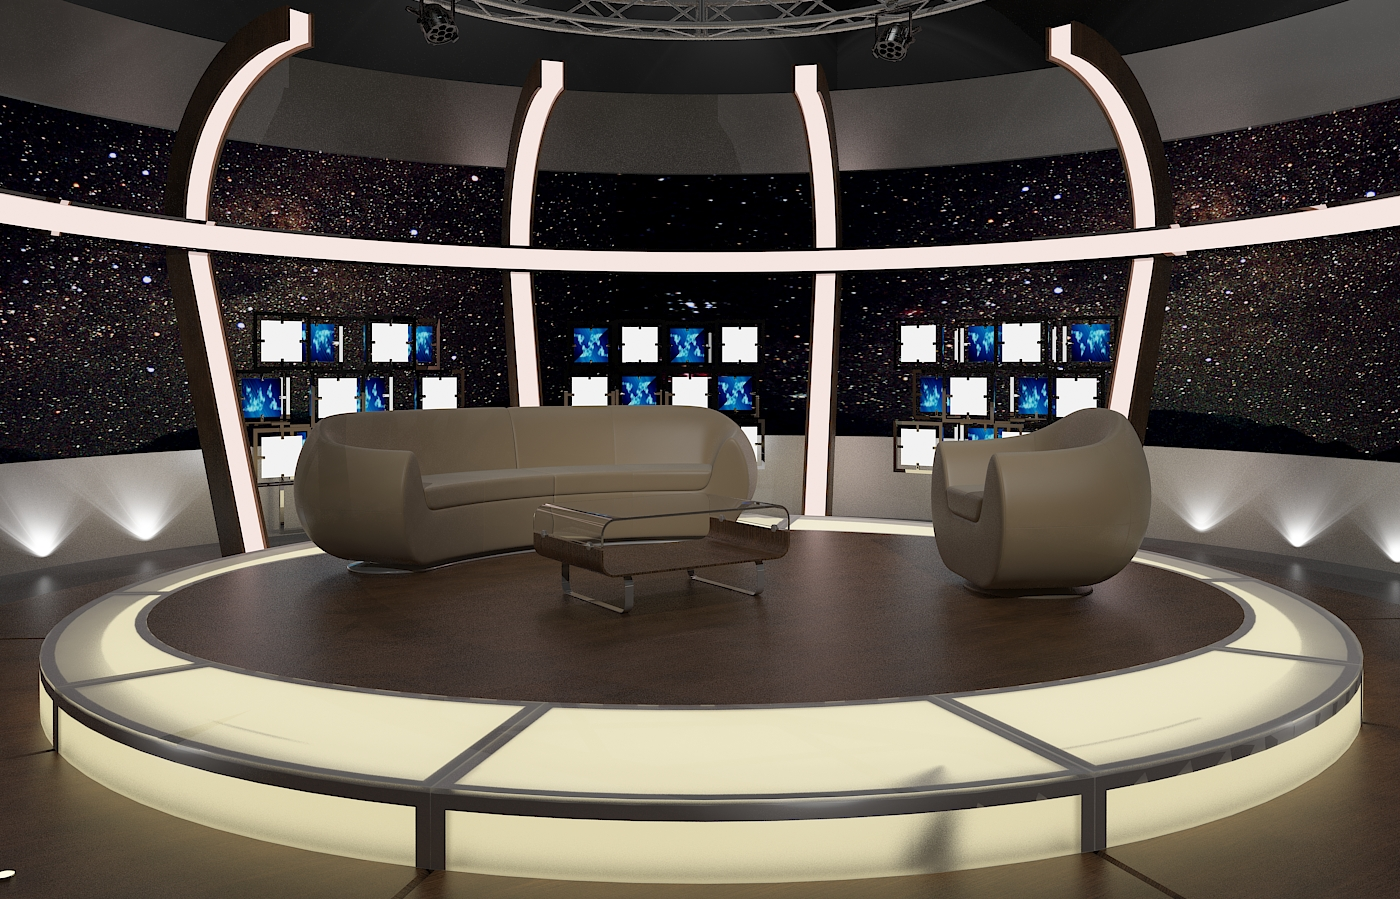 Виртуал ТВ чат 20 3d загвар max dxf fbx obj 207154-ийг тохируулж байна